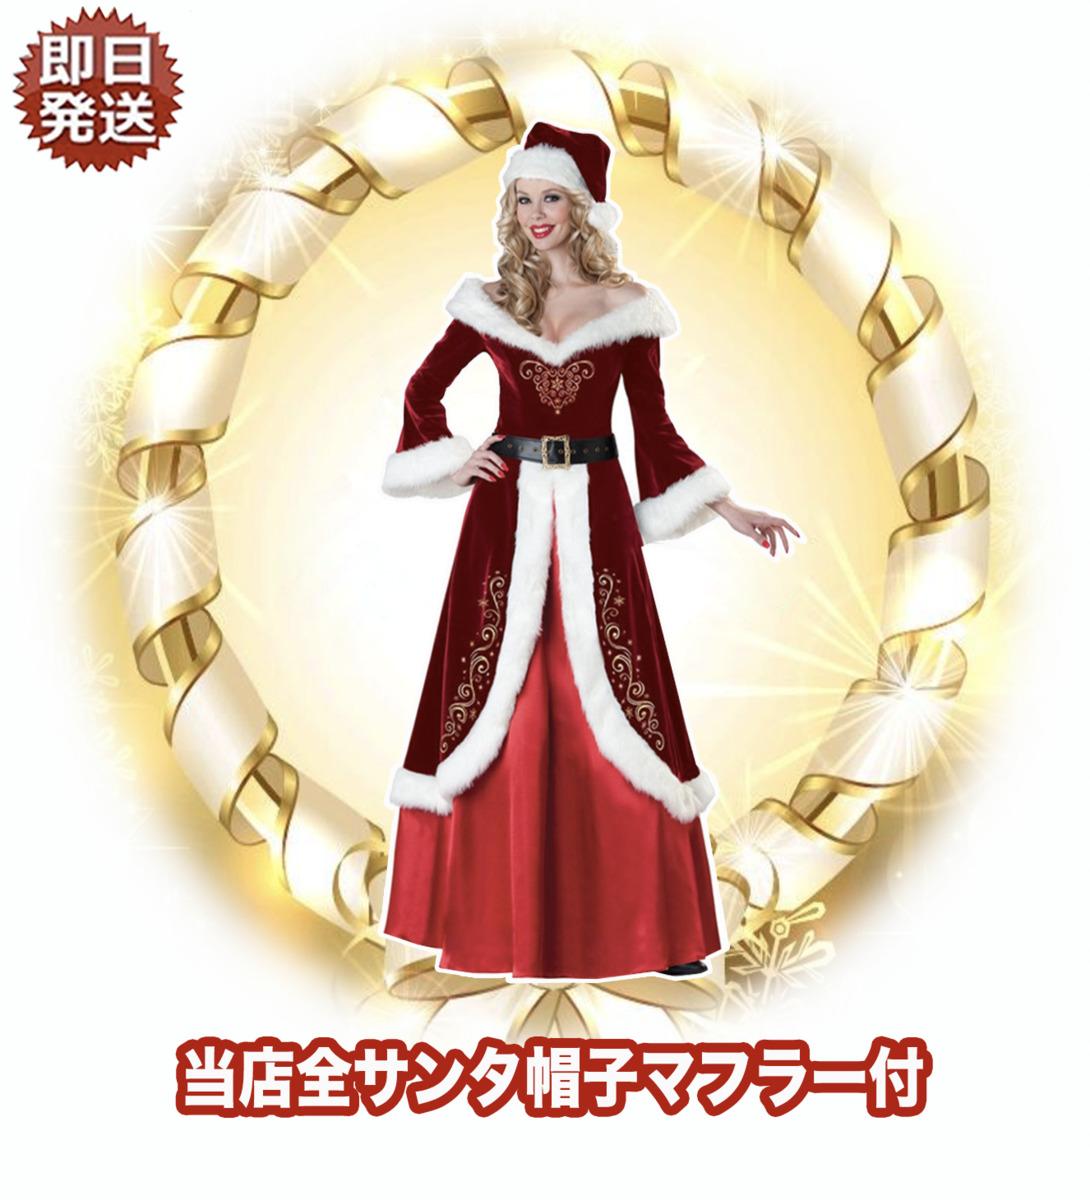 サンタ サンタコスプレ クリスマス クリスマス女王 王様 クリスマスコスプレ サンタコス サンタクロース クリスマスサンタ フリーサイズ セクシー 女王様 女王